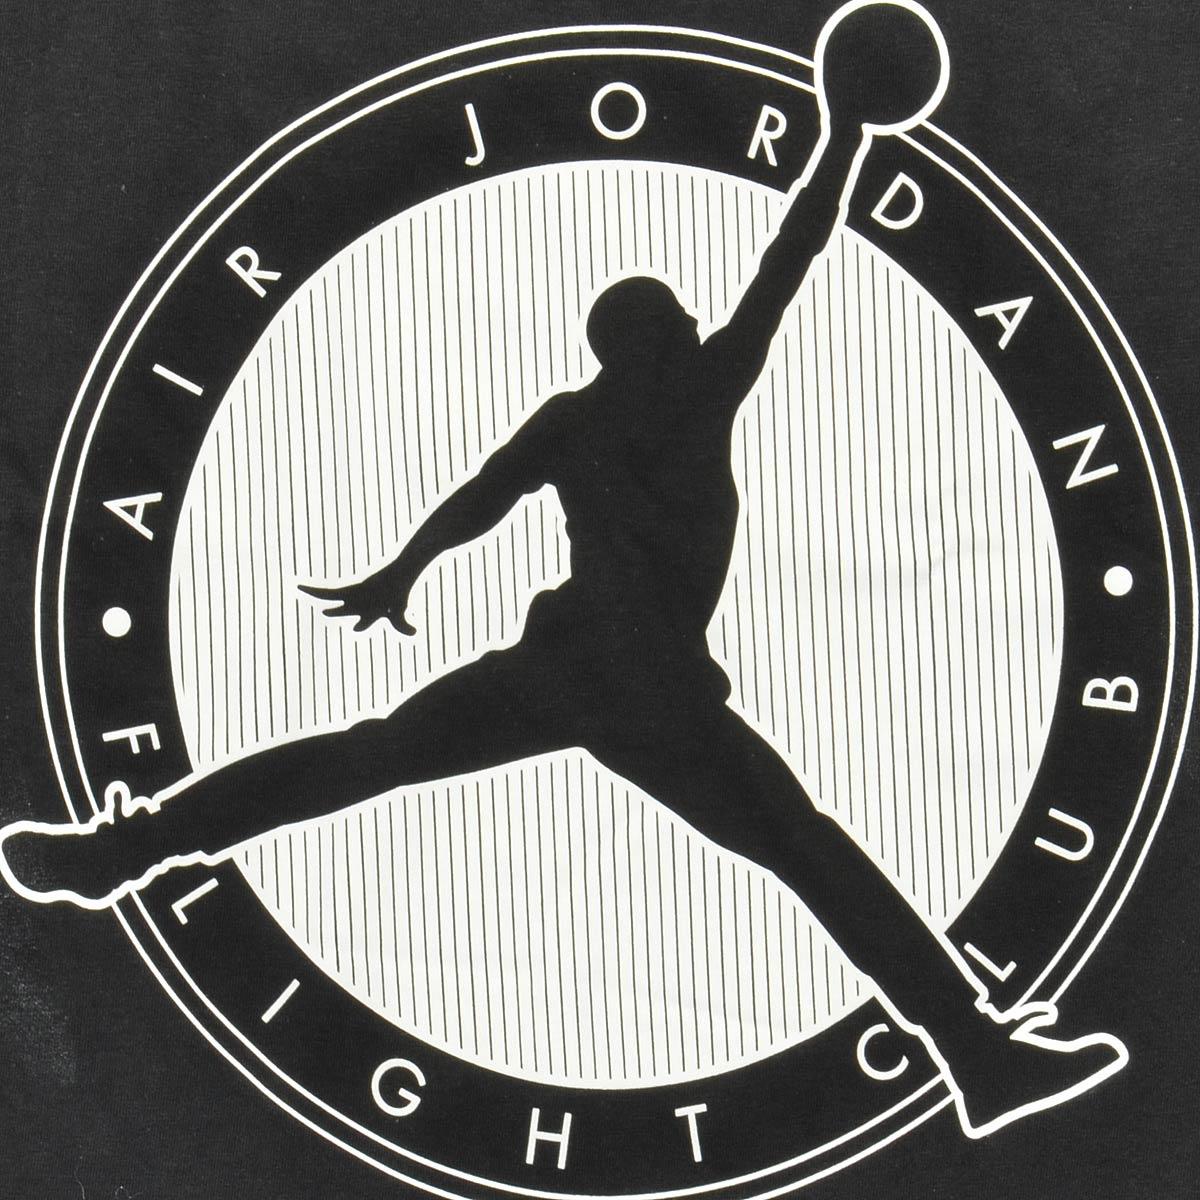 finest selection 68f5d 7f033 Jordan Flight Club Logo - air jordan flight logo